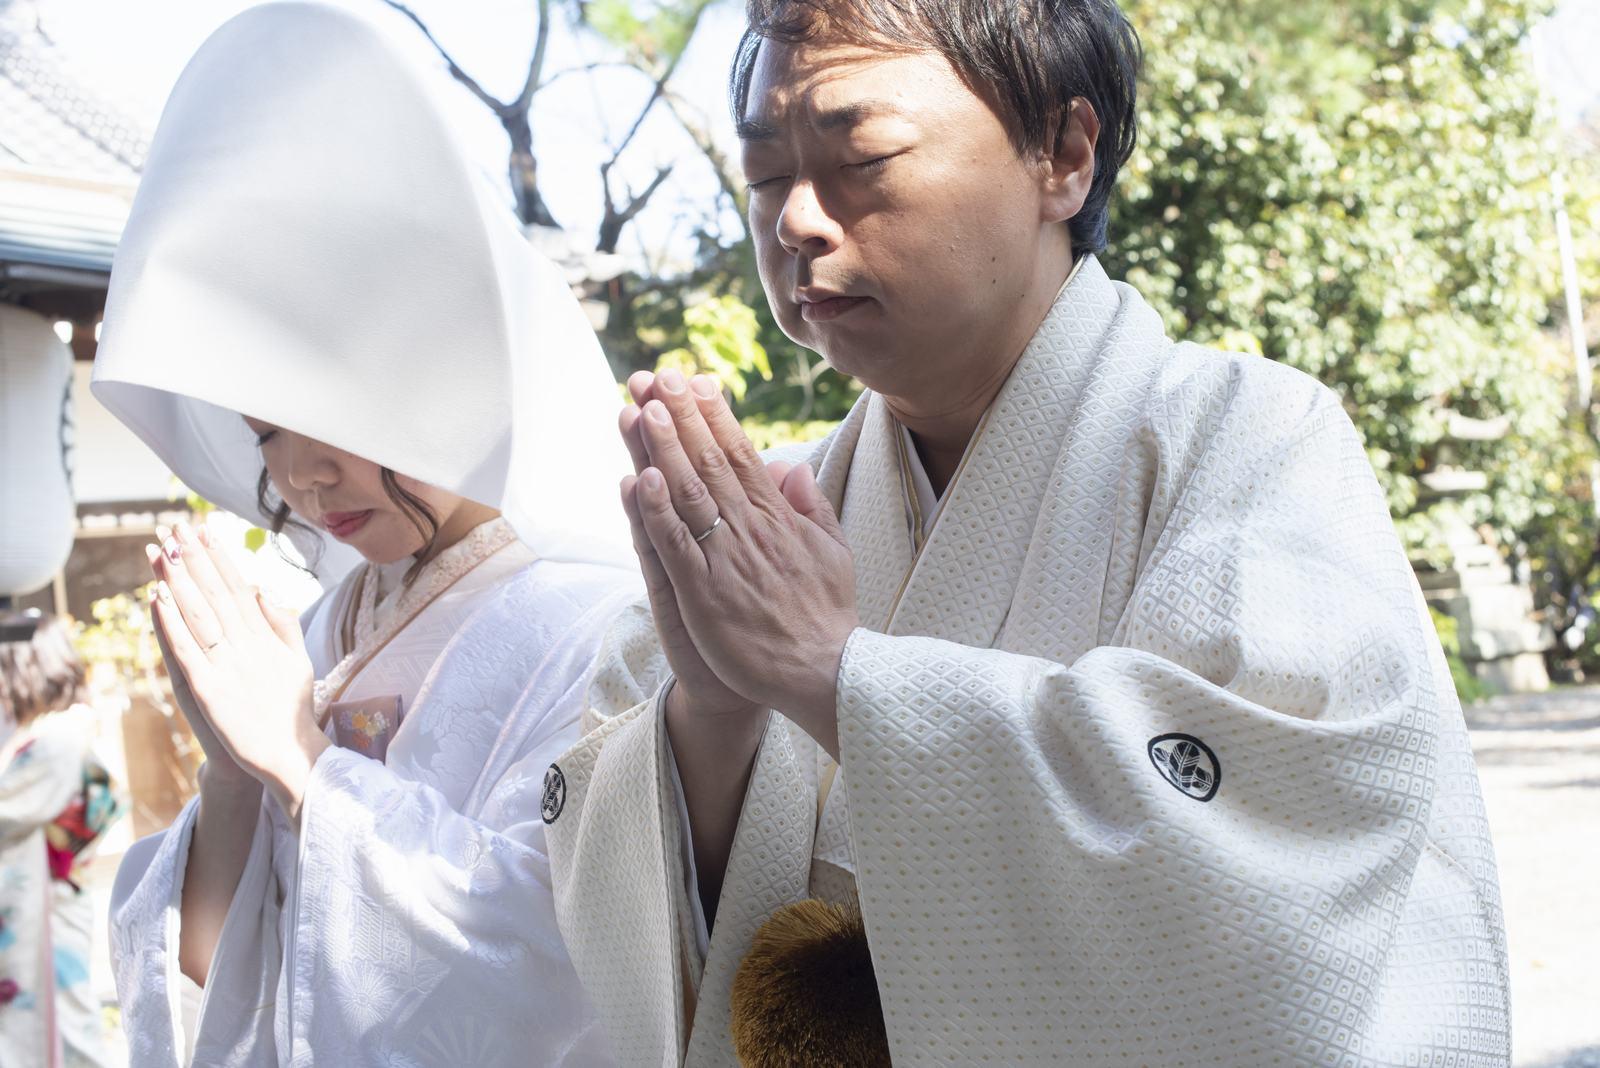 ブランアンジュで披露宴を行う前に挙式をした忌部神社で祈りをささげる新郎新婦